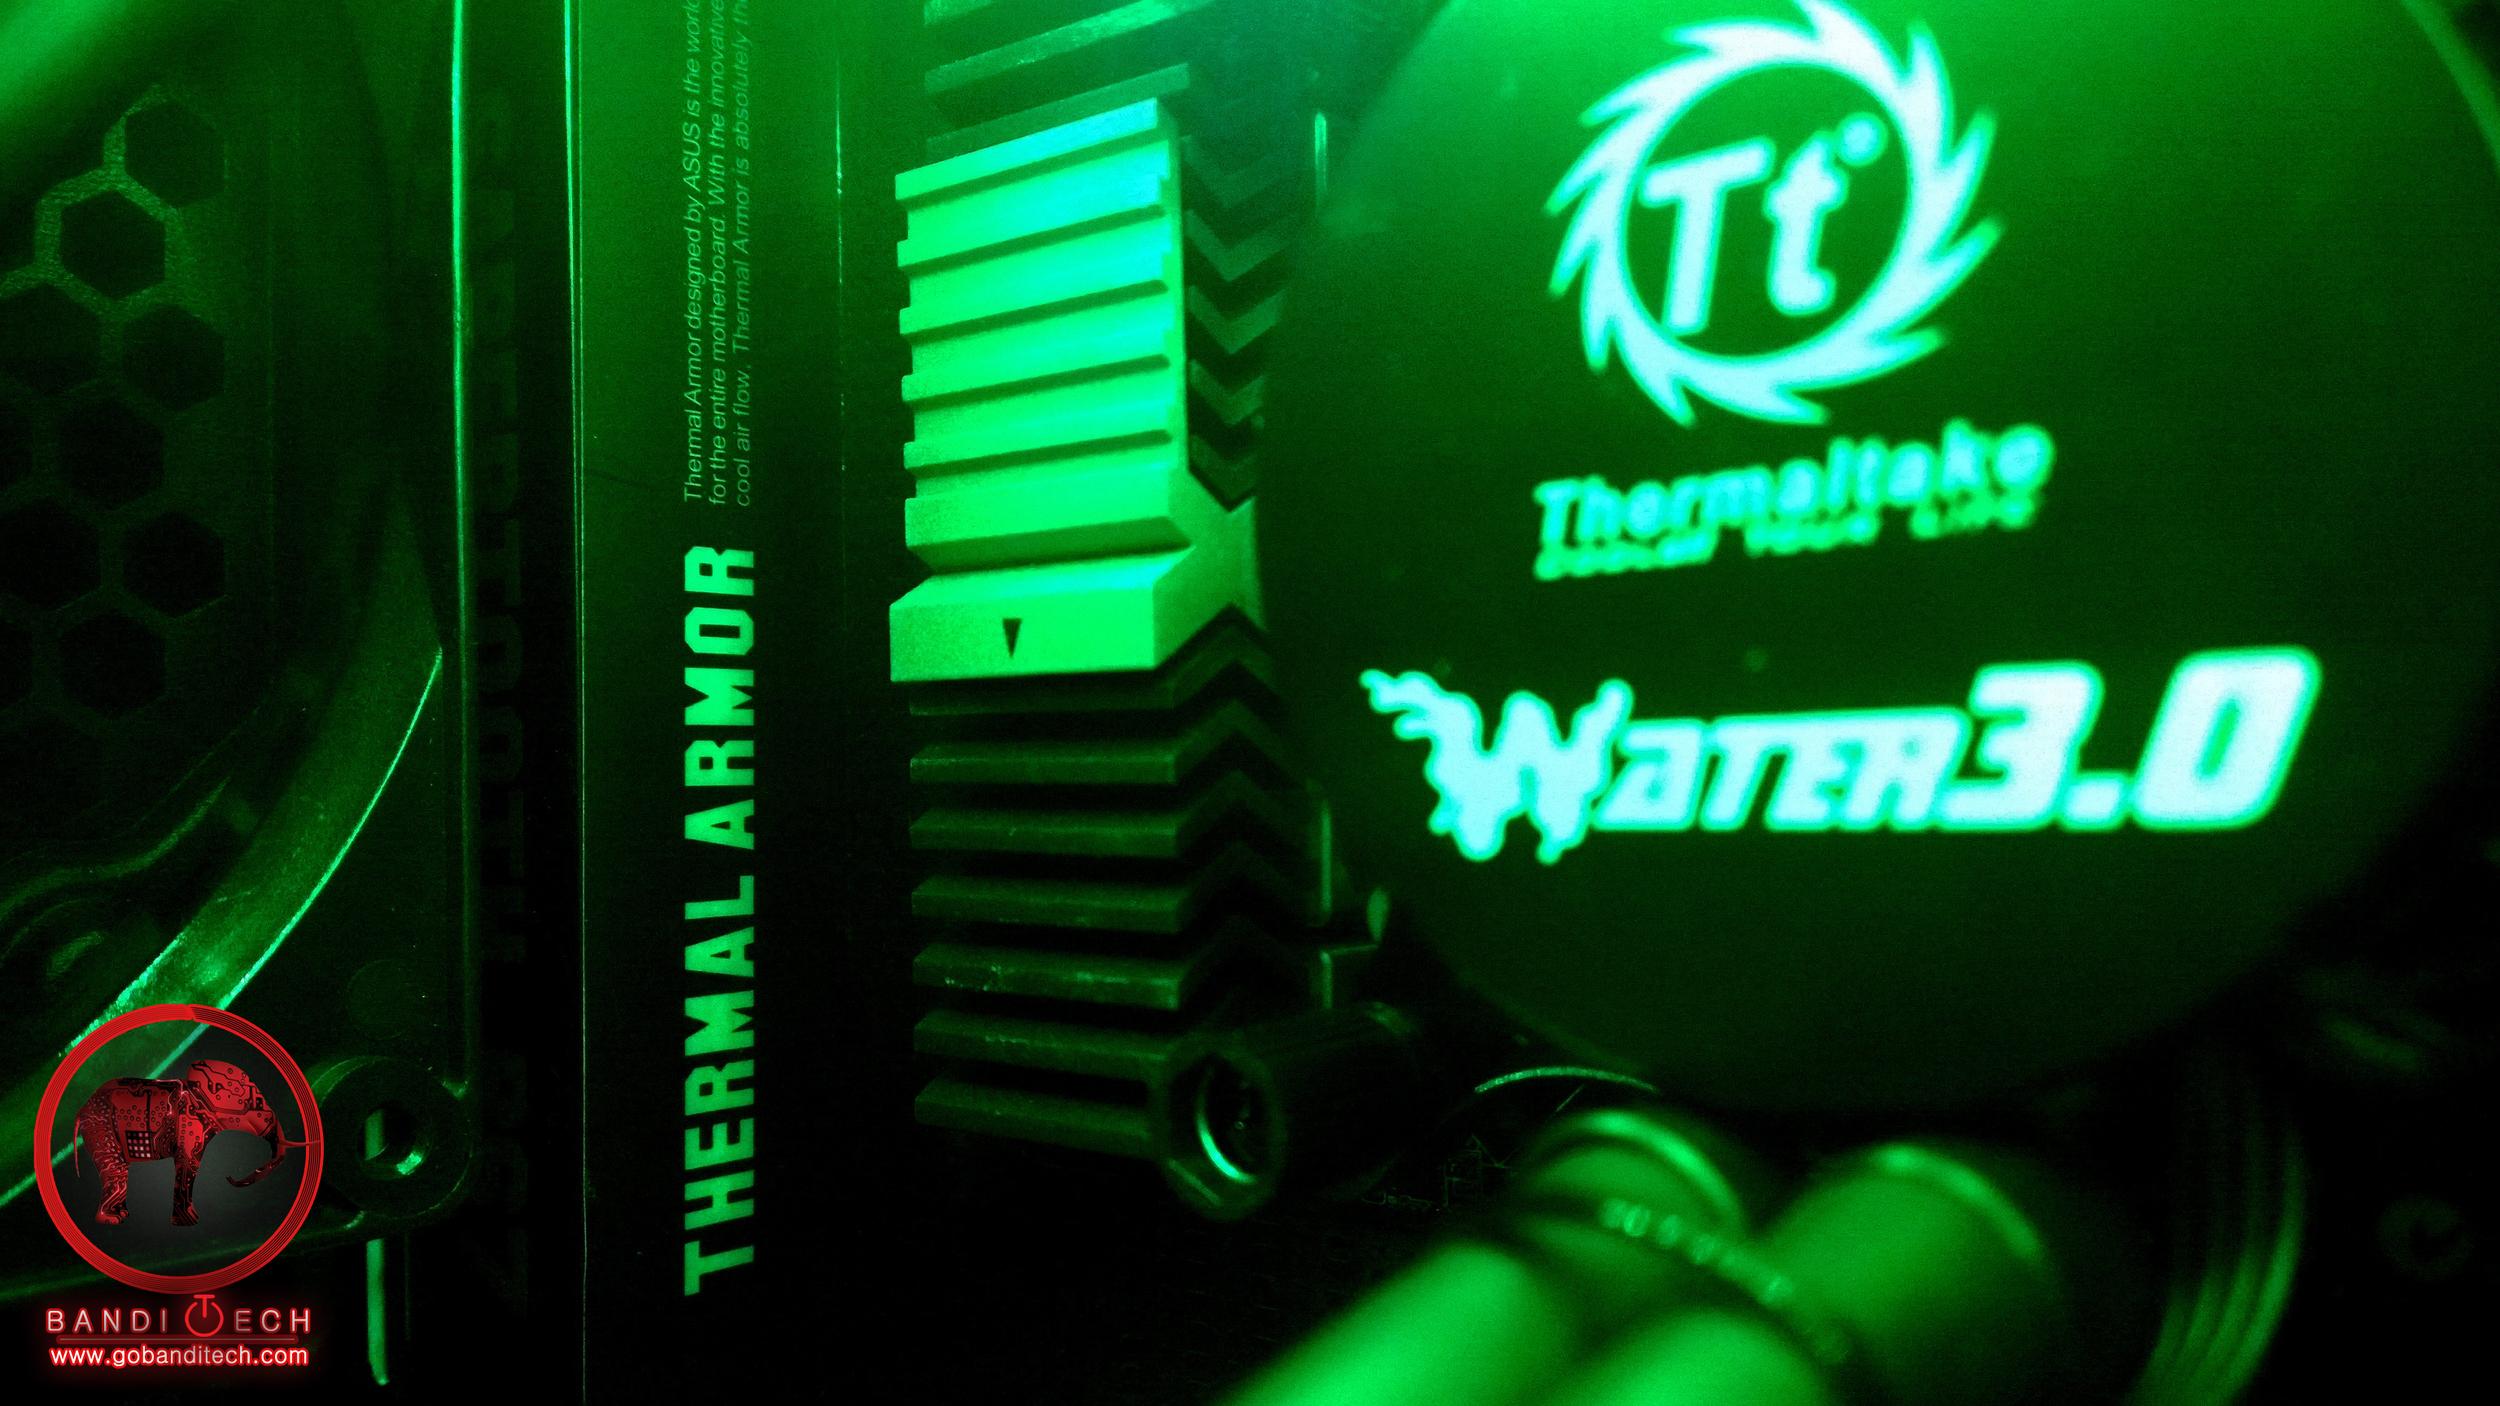 WP_20131217_16_26_32_Pro.jpg